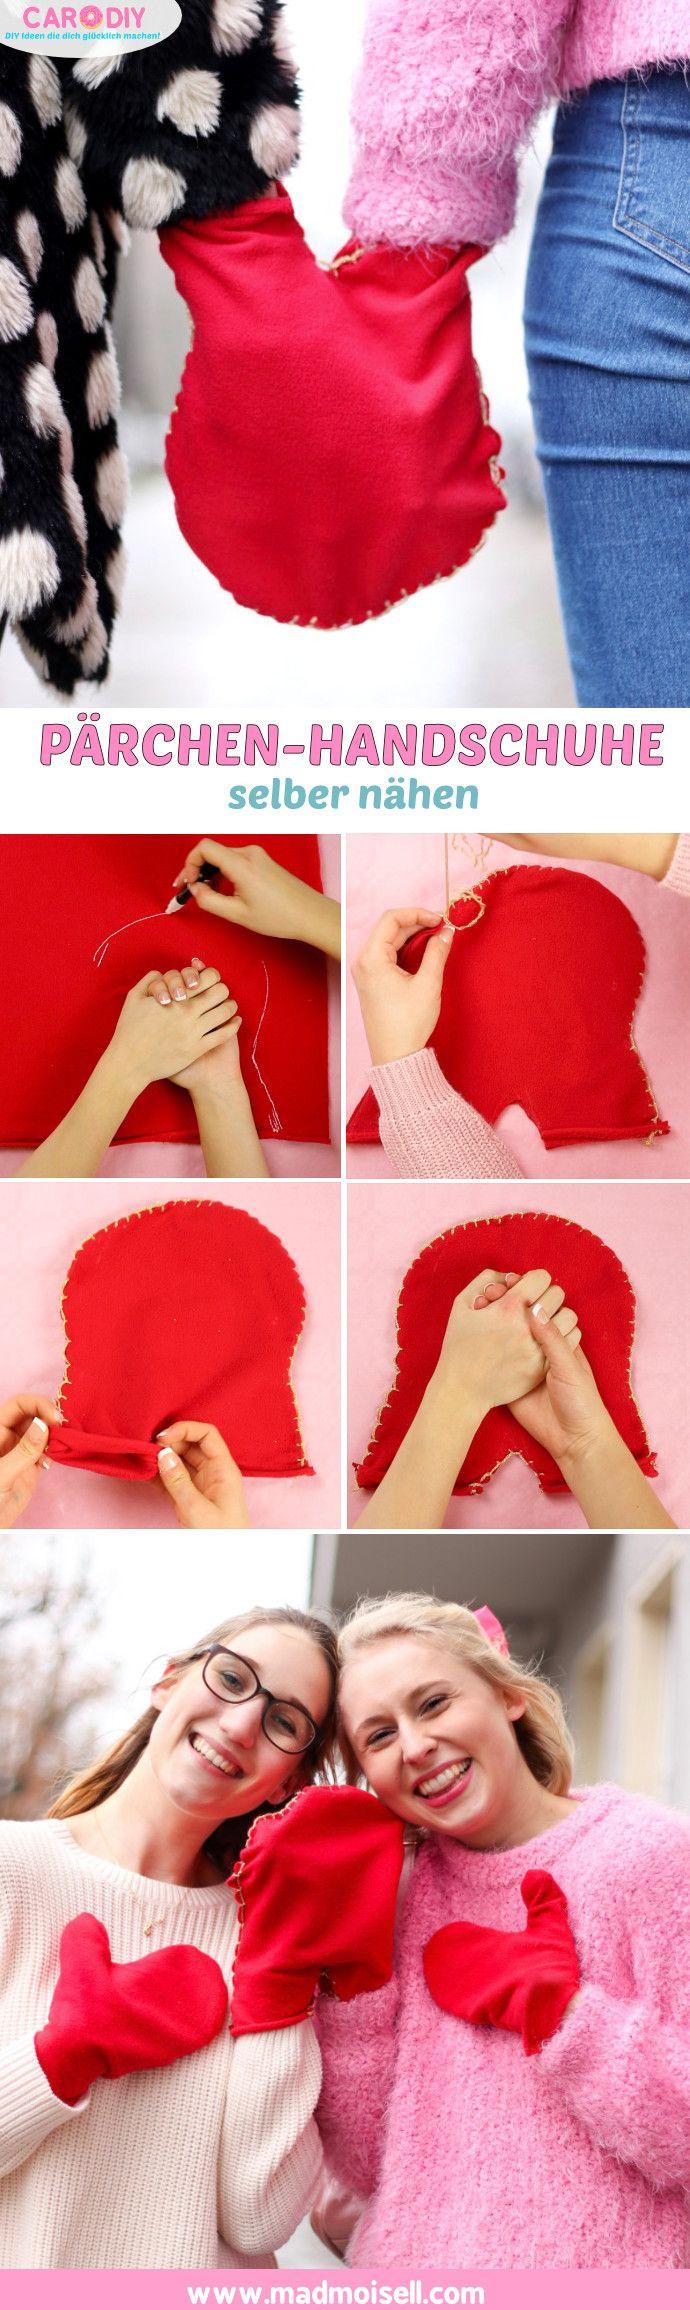 Pärchen Geschenke Selber Machen  Pärchen Handschuhe selber nähen DIY Geschenke für Freund